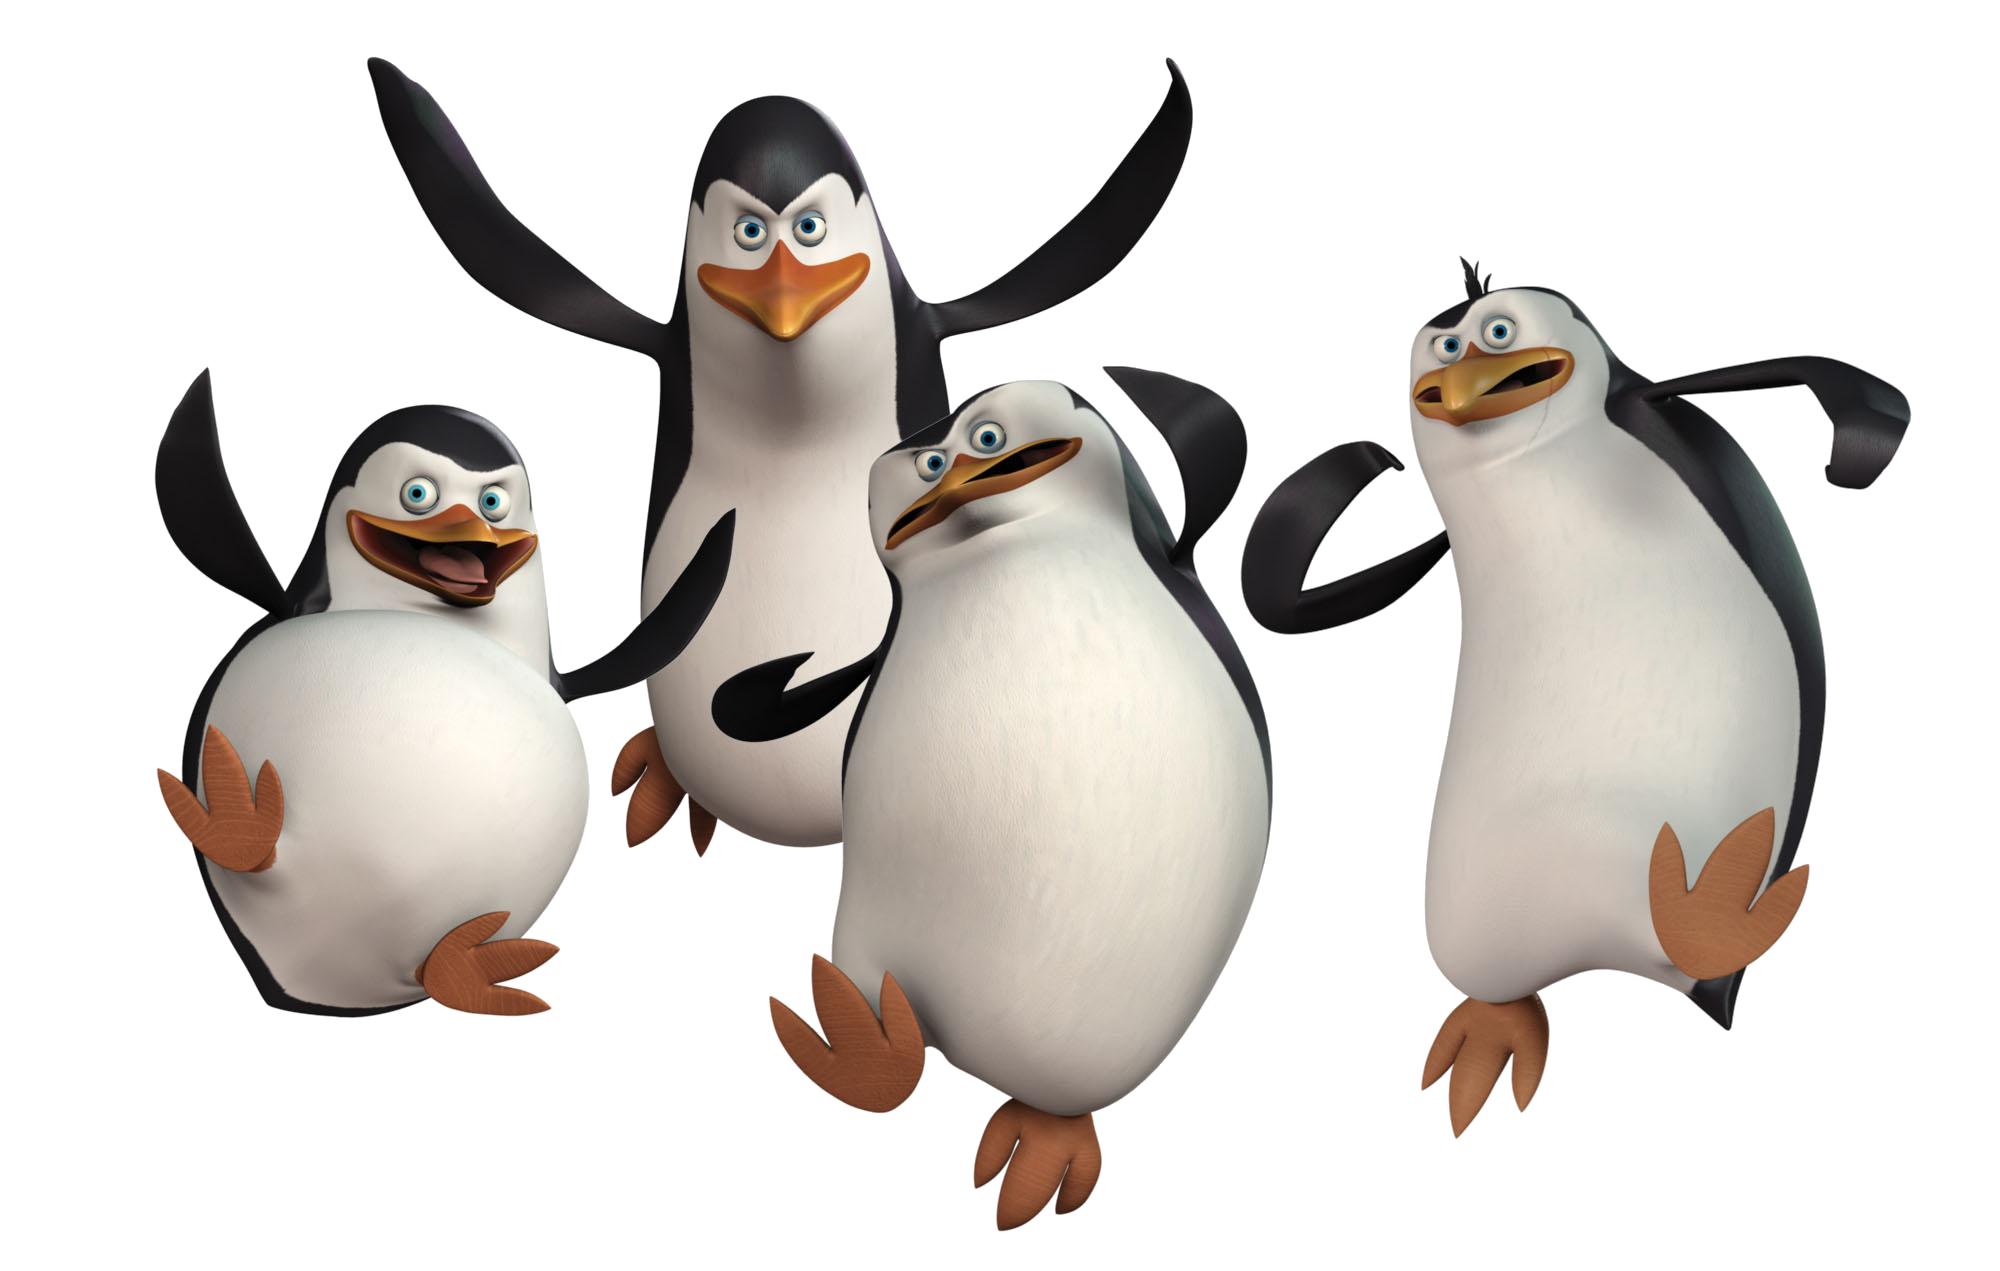 Penguins Transparent Image - Penguin, Transparent background PNG HD thumbnail